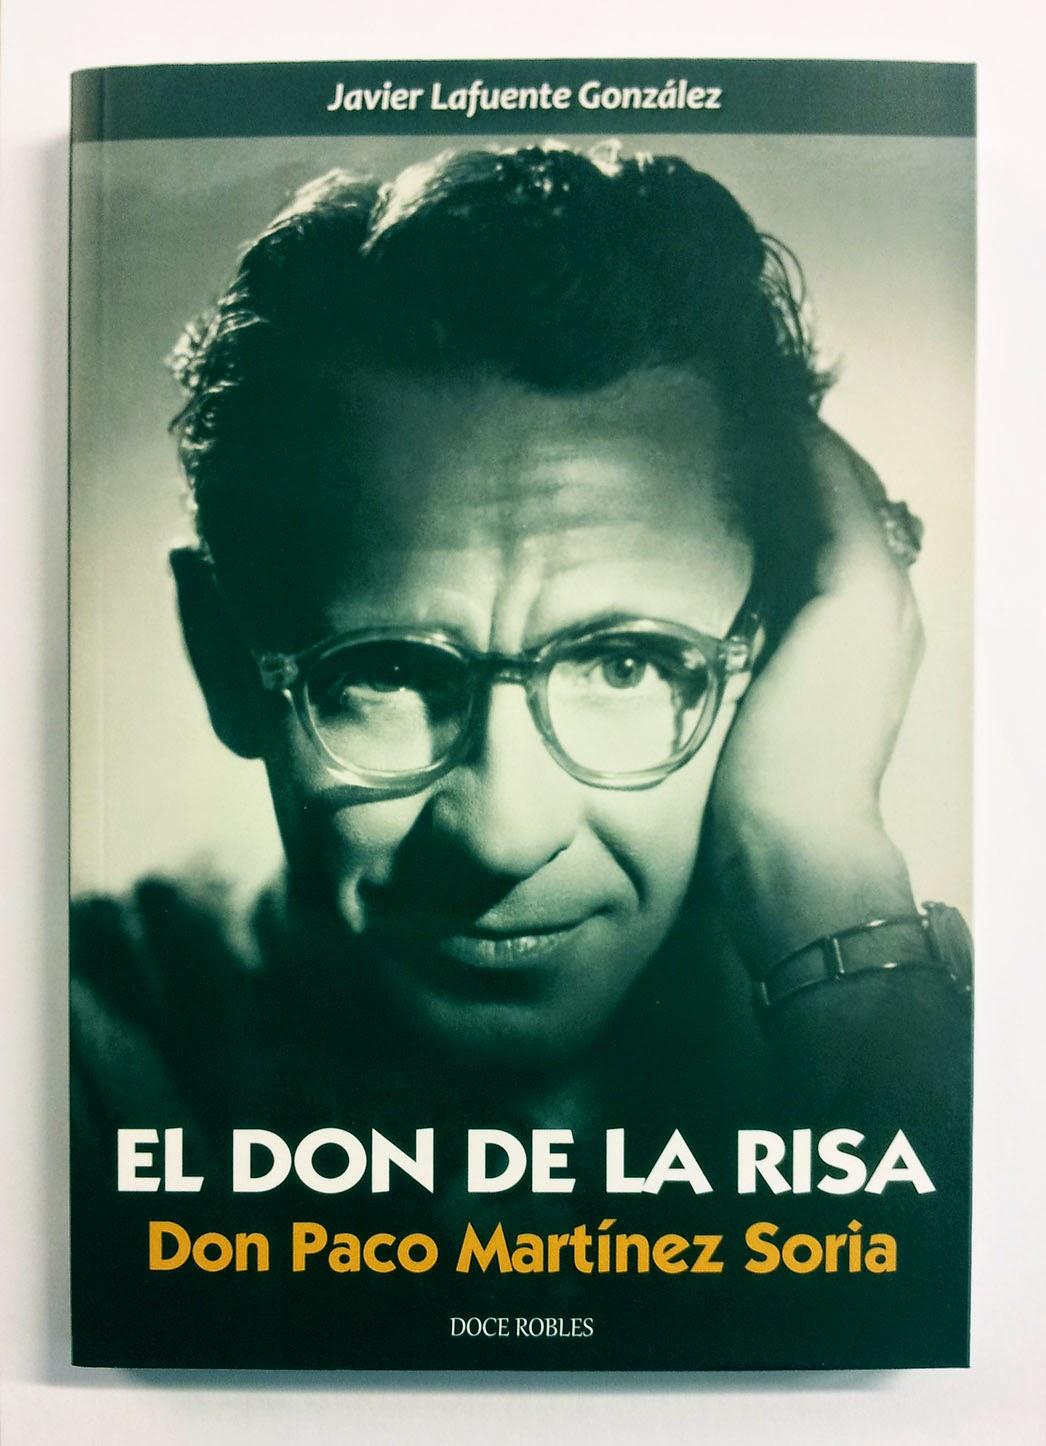 Portada del libro El don de la risa. Don Paco Martínez Soria